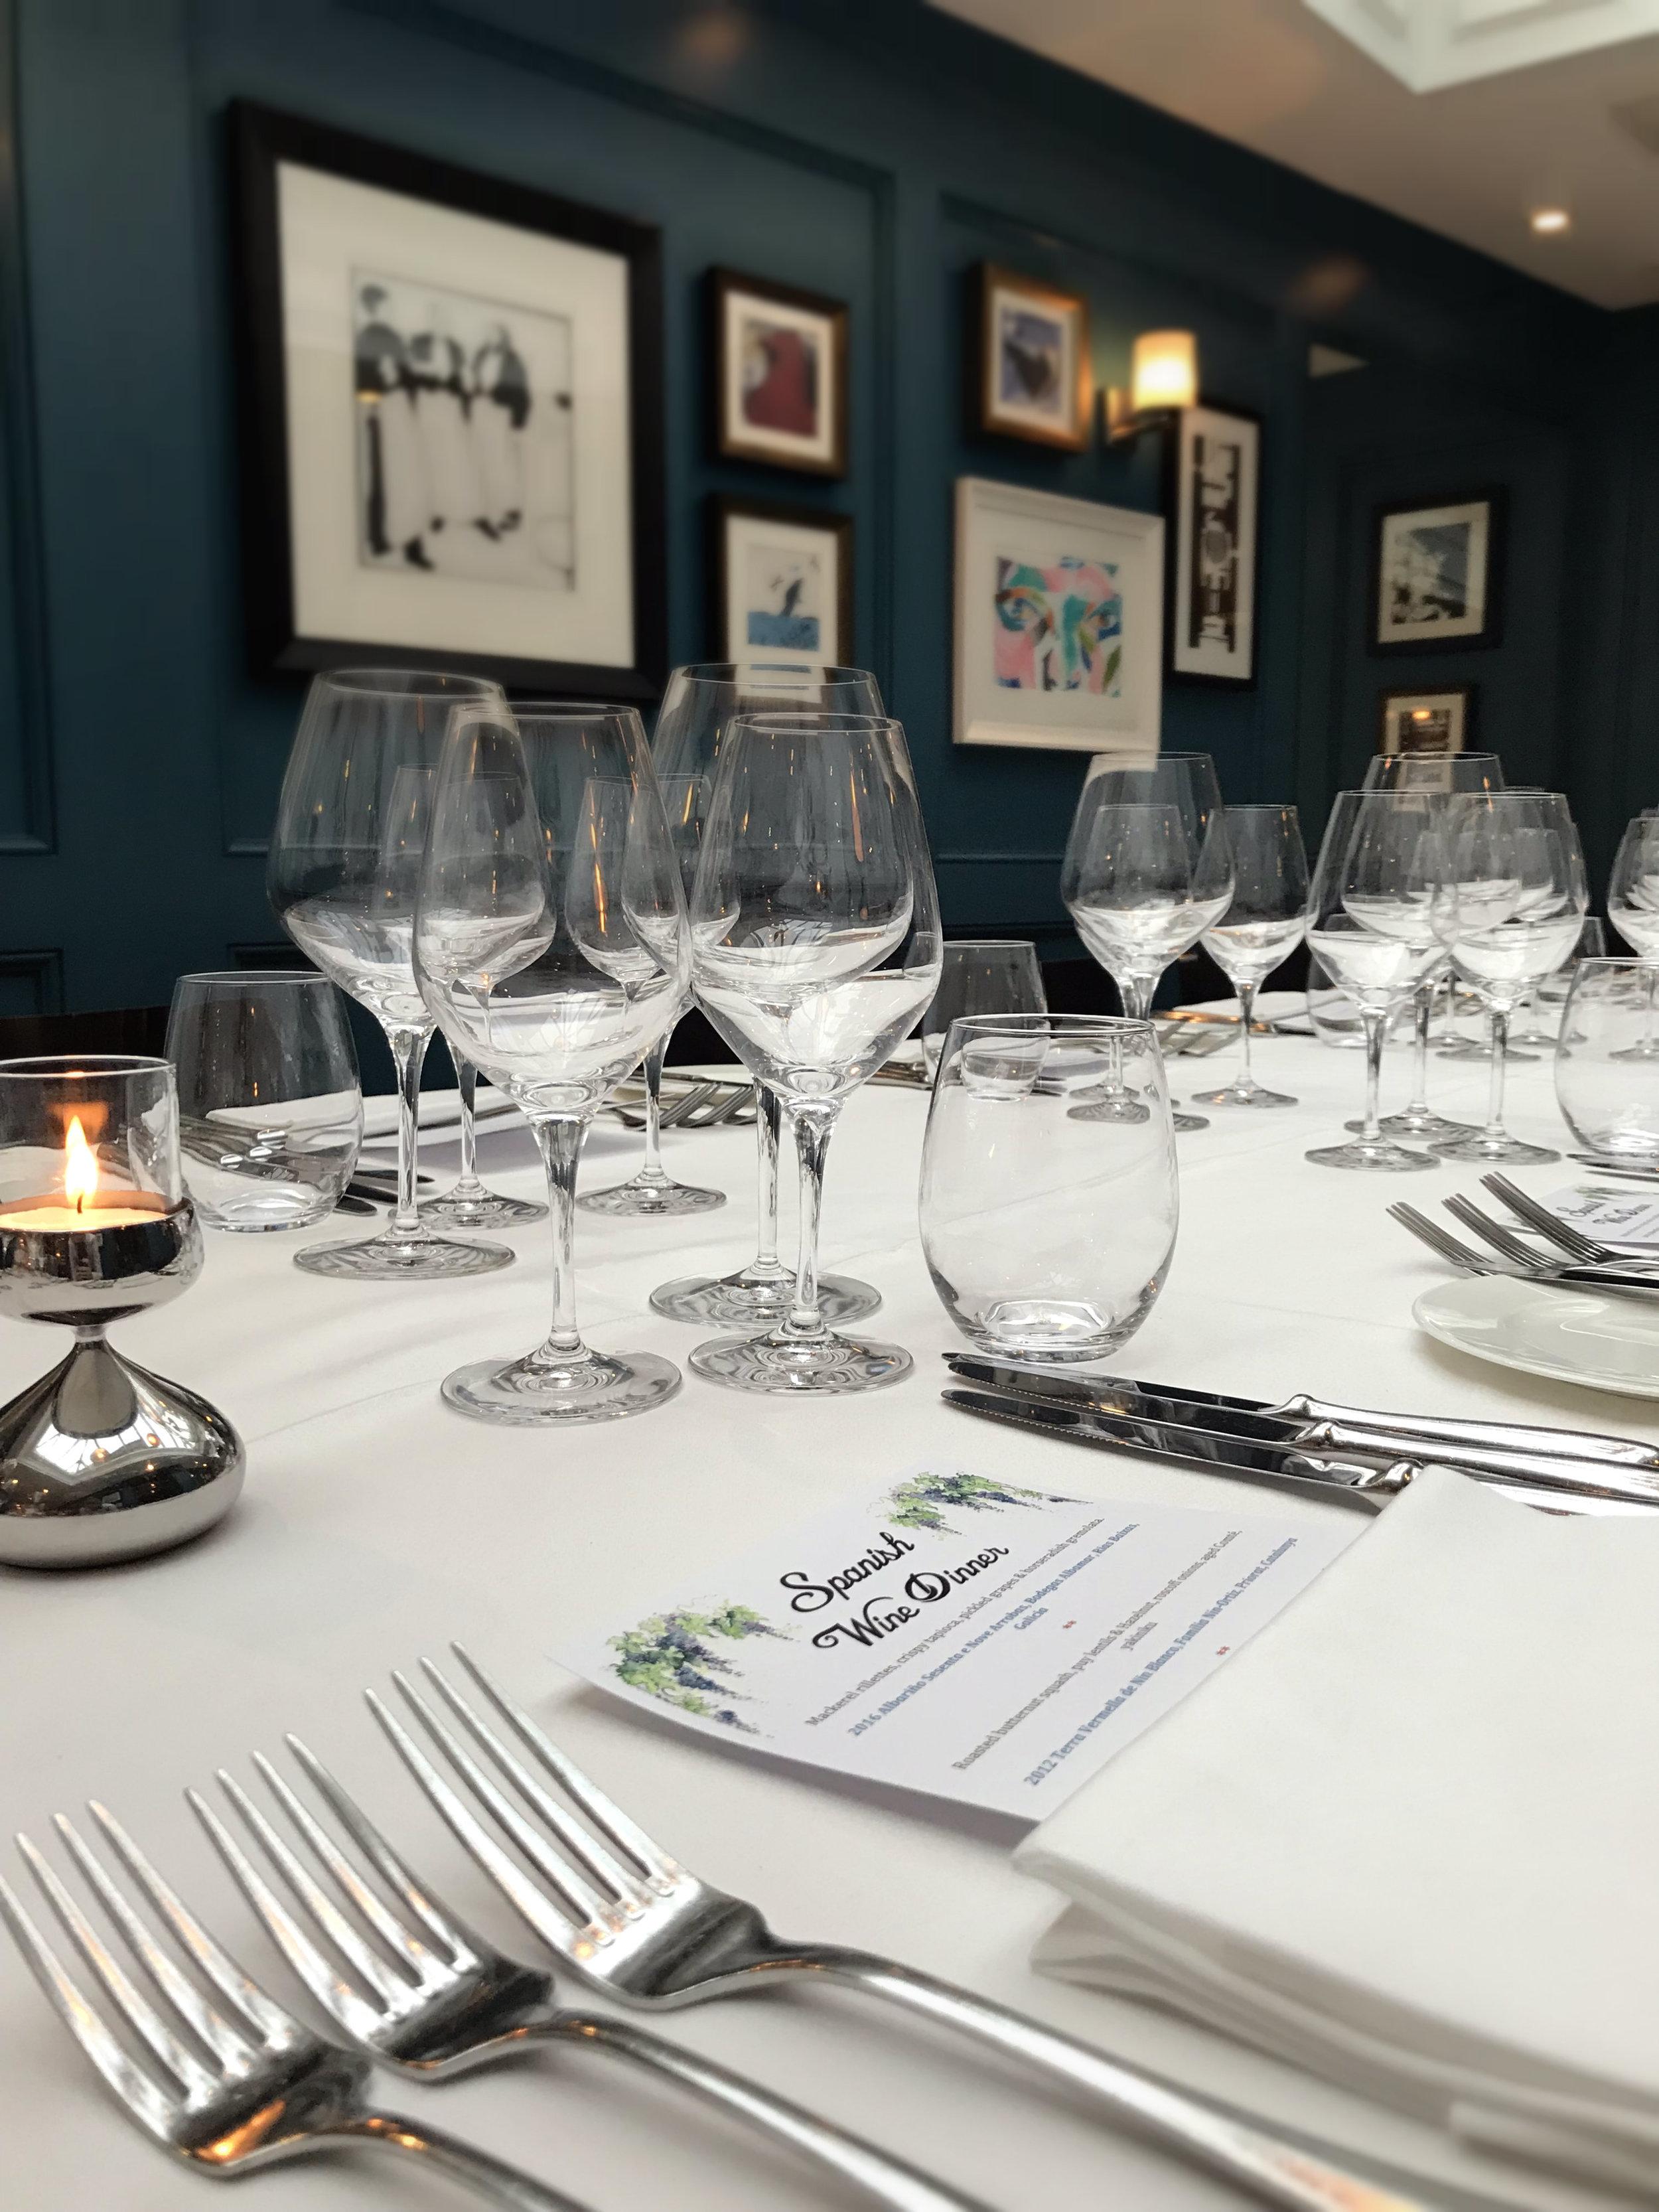 Spanish Wine Dinner Table.jpg